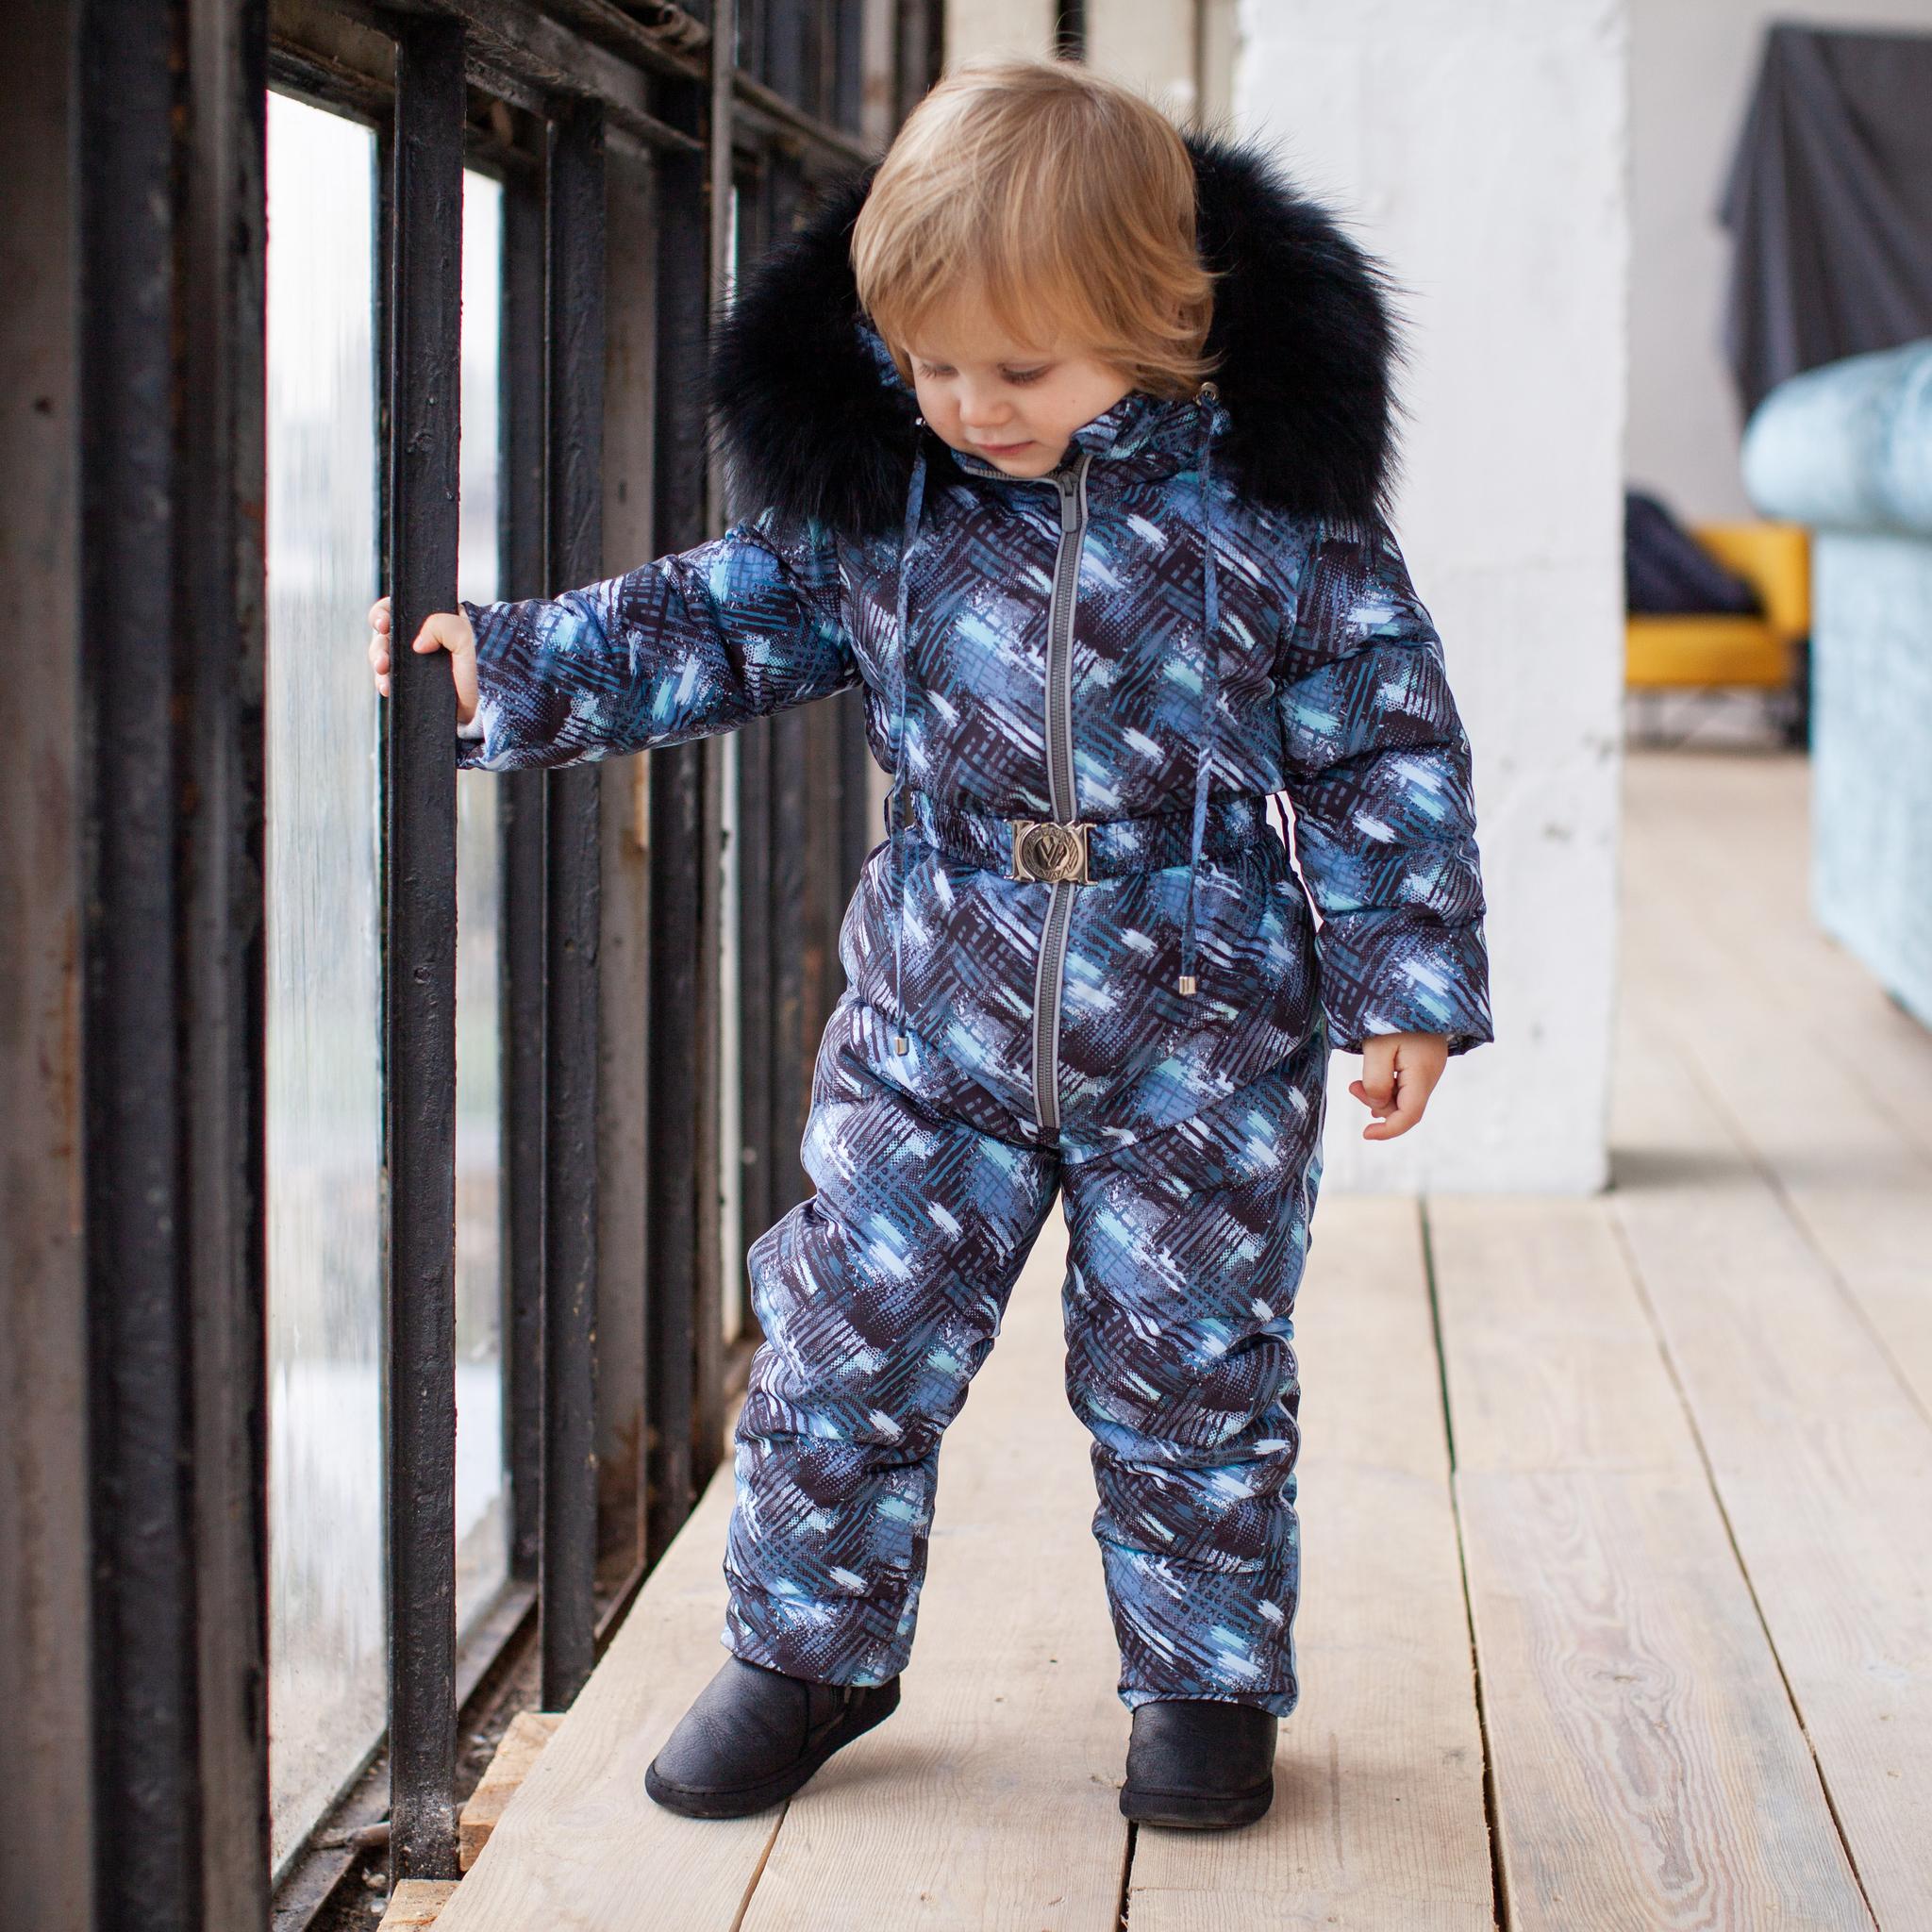 Дитячий зимовий комбінезон з принтом і опушкою з натурального хутра